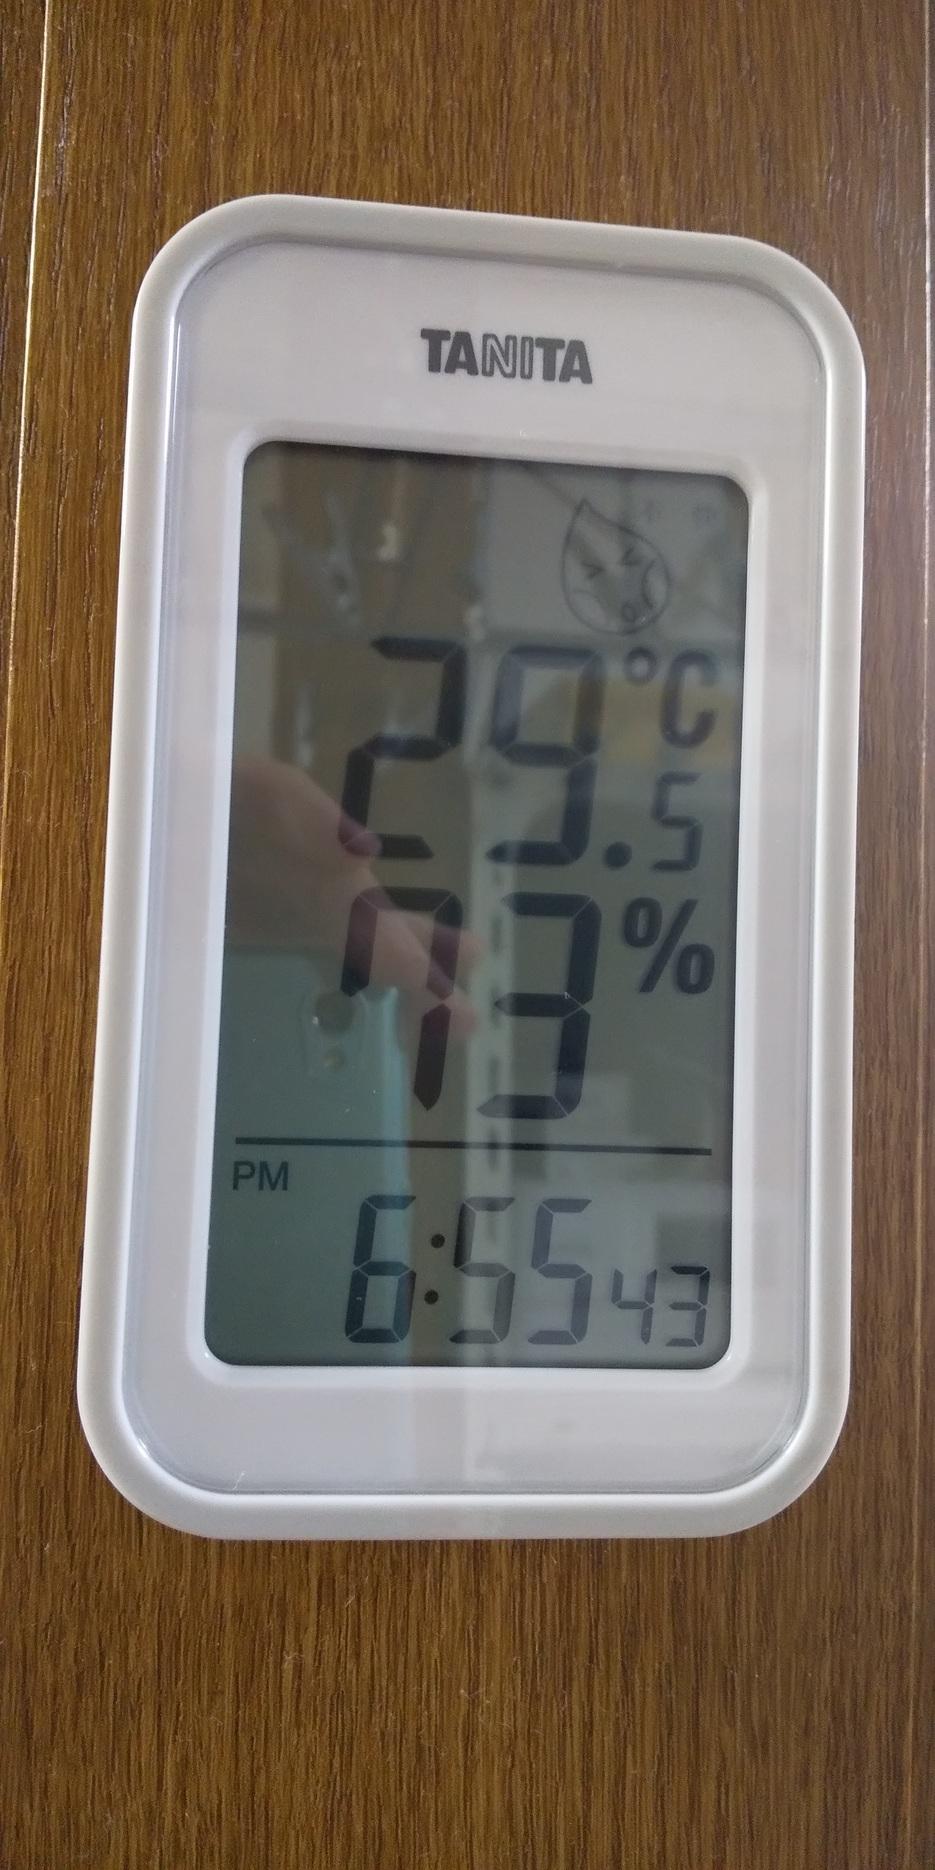 ⛈☔⛅ 蒸し暑い日が続きます 🙄 議会運営委員会、27日から9月議会がはじまります❗️_f0061067_19054041.jpg